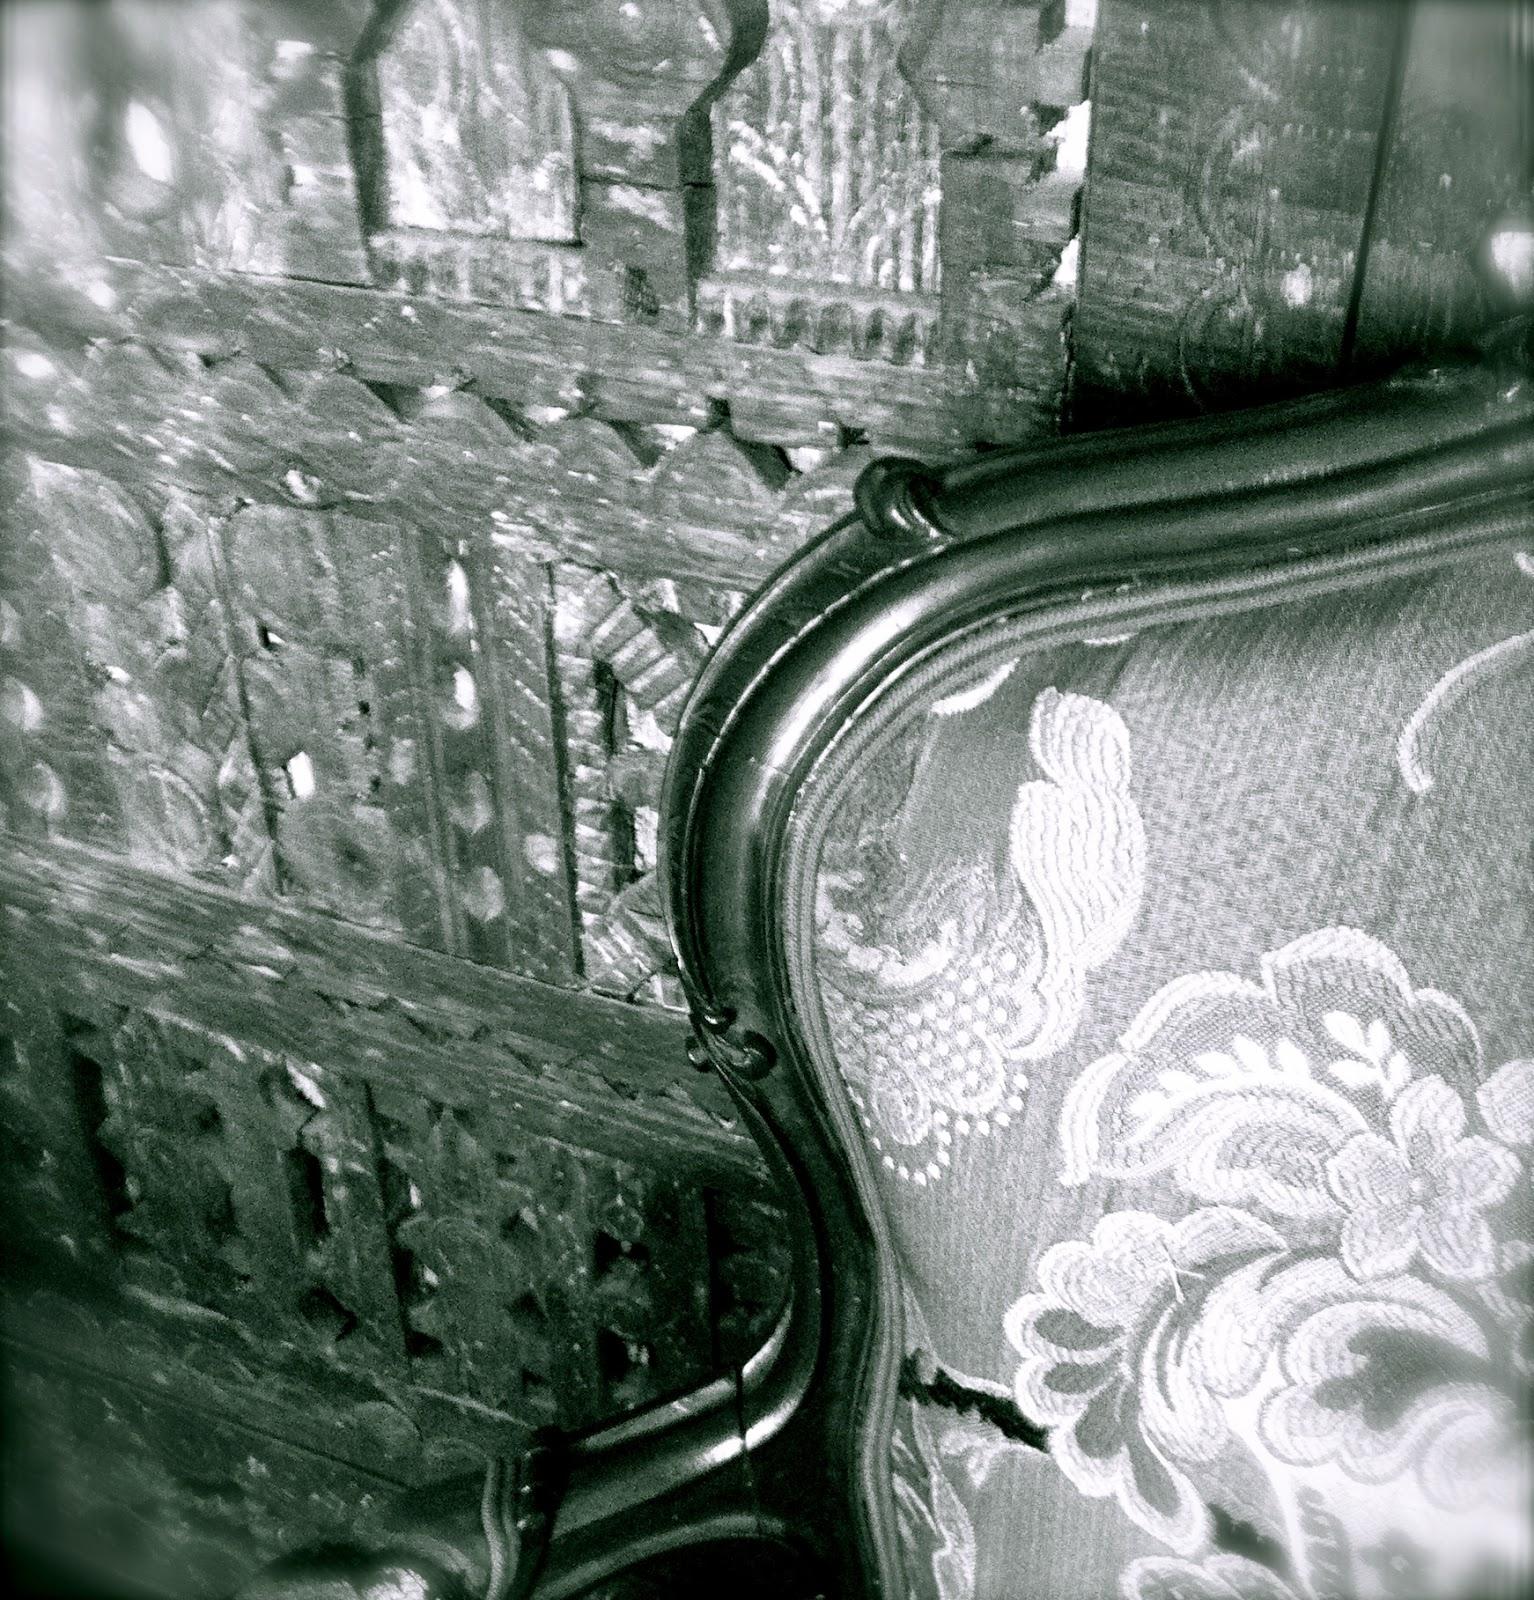 atelier anne lavit artisan tapissier d corateur 69007 lyon cabriolet 19 me. Black Bedroom Furniture Sets. Home Design Ideas